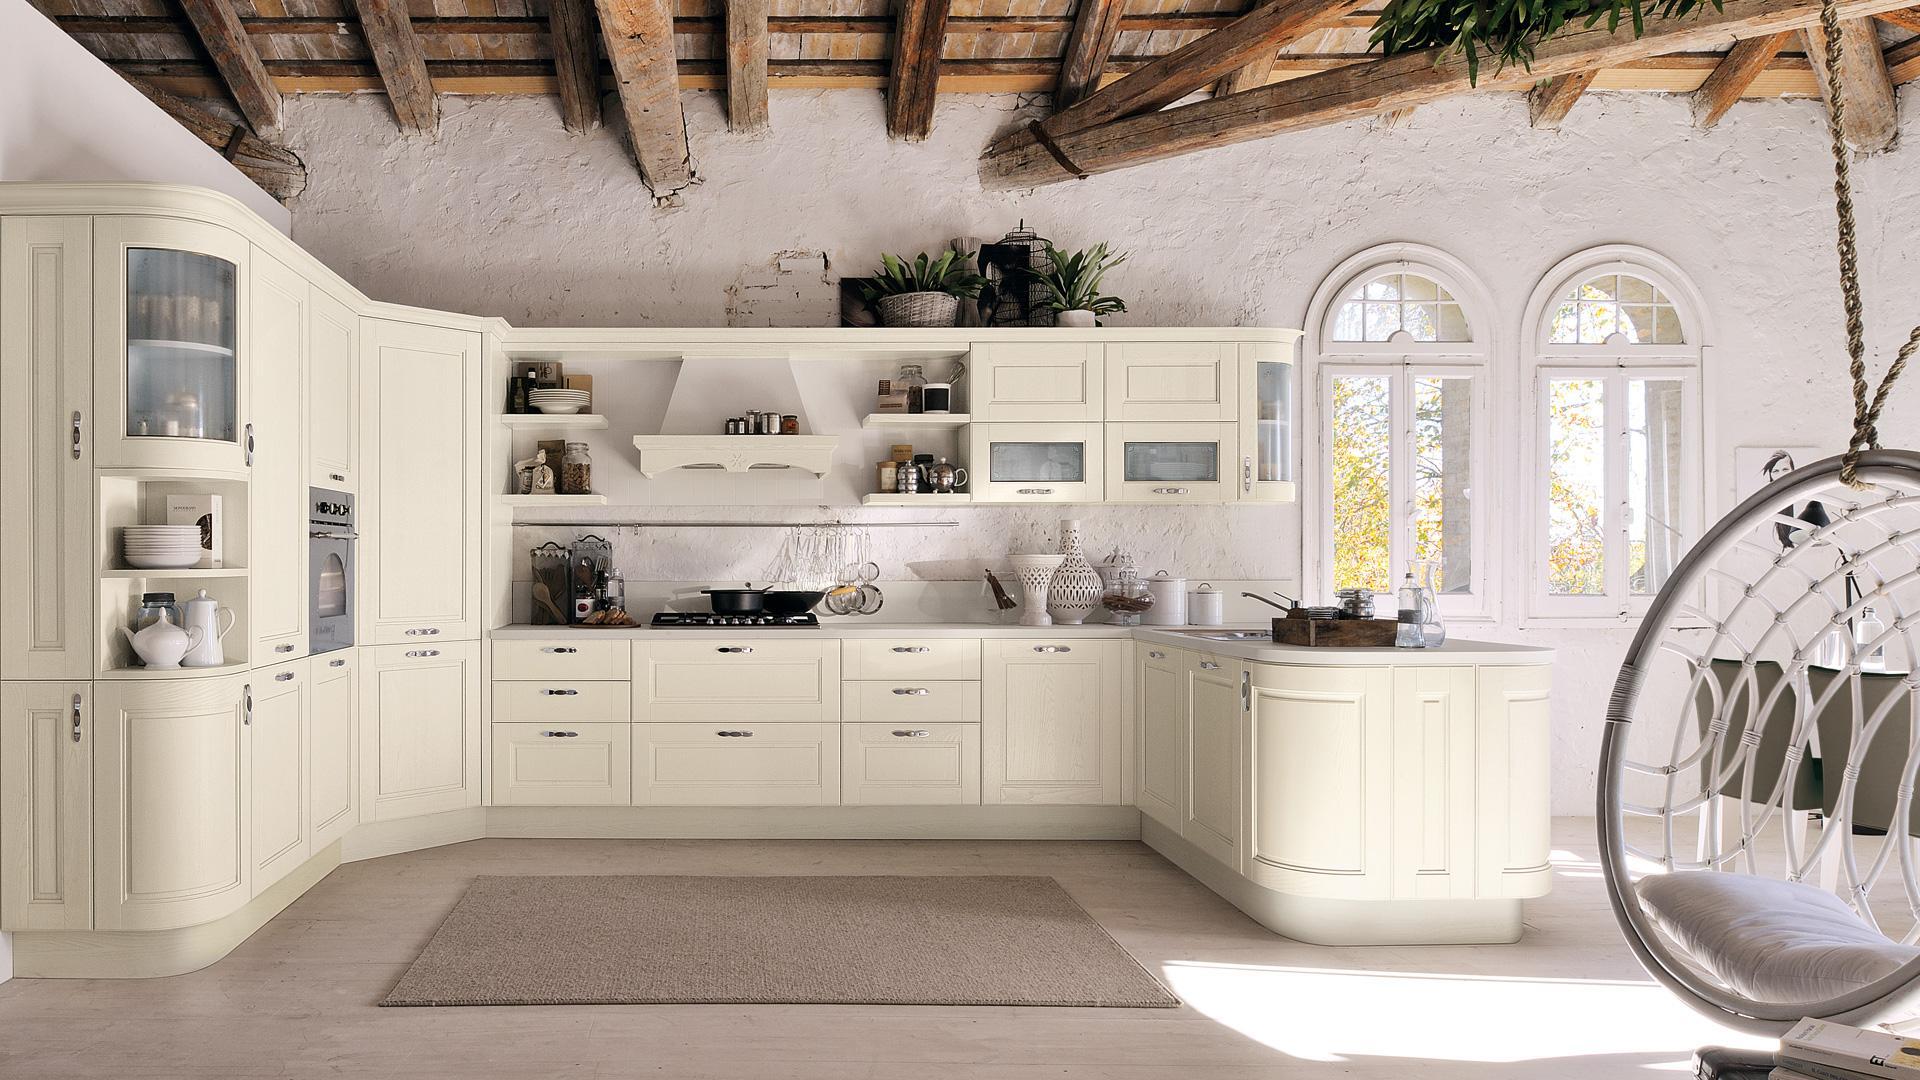 Cucina Lux Snaidero Prezzi cucine lube: prezzi e modelli consigliati dal catalogo